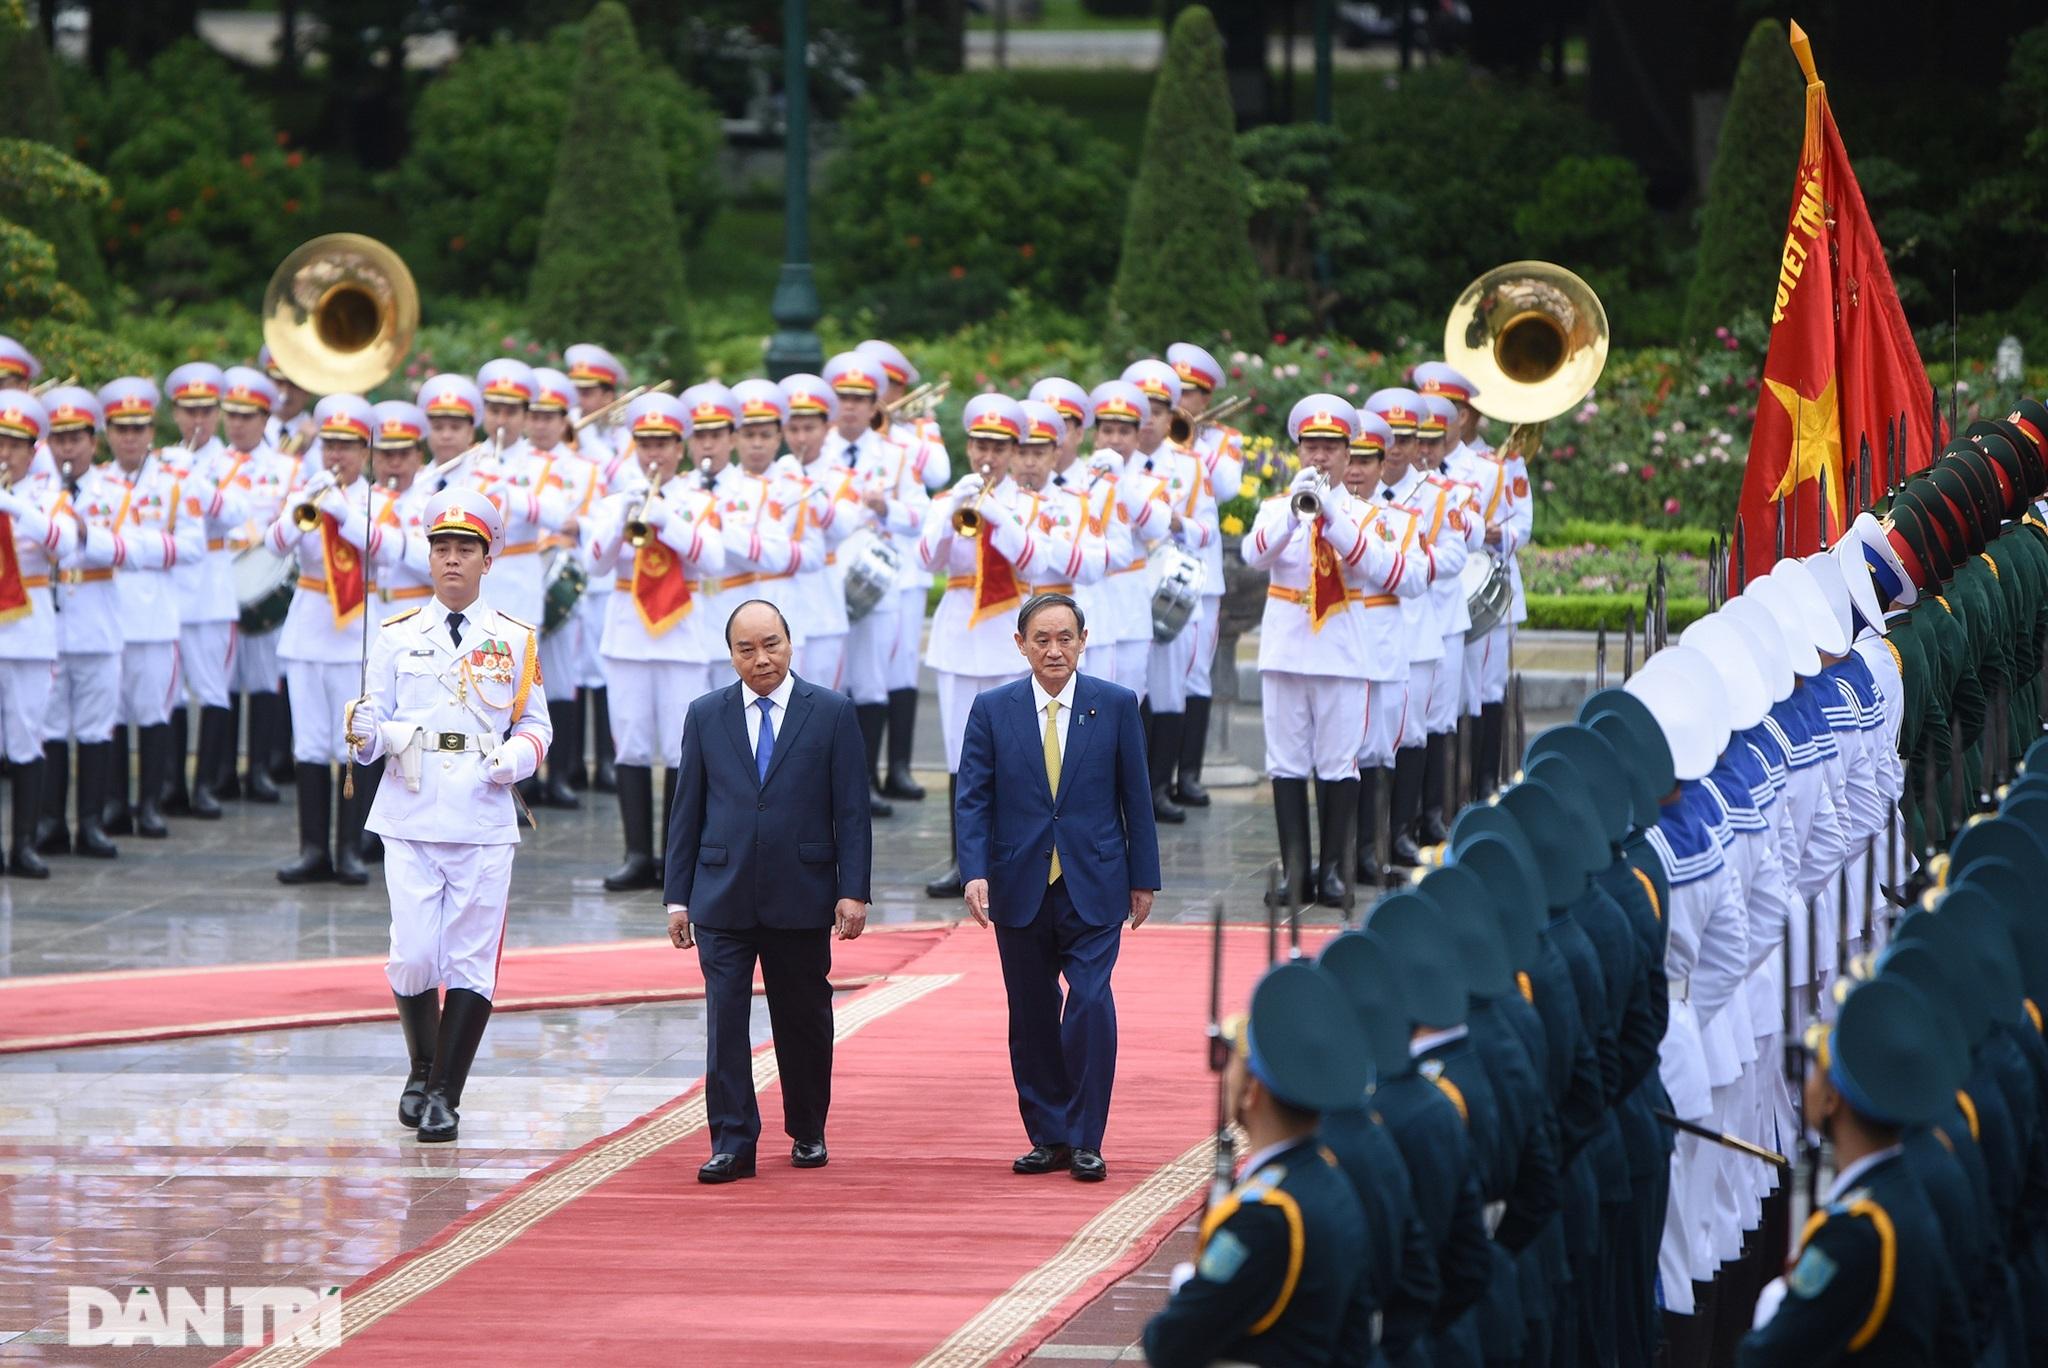 Lễ đón chính thức Thủ tướng Nhật Bản Suga Yoshihide và phu nhân tại Hà Nội - 3